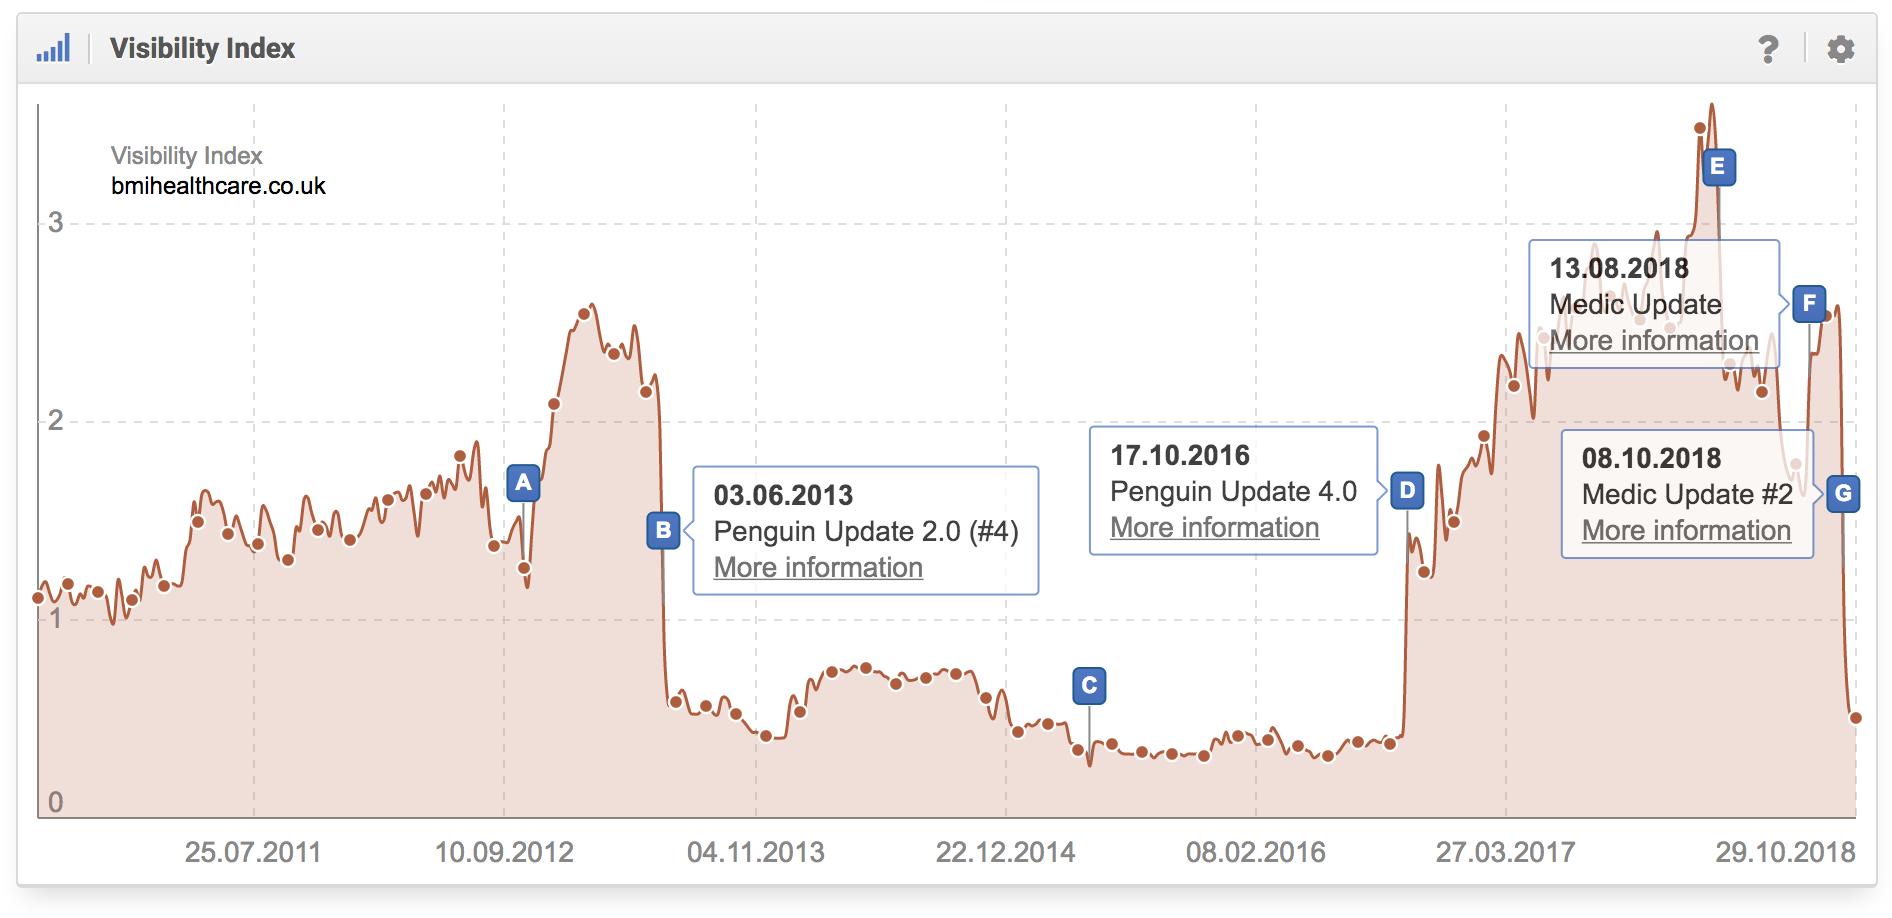 Histórico del índice de visibilidad del dominio bmihealthcare.co.uk en google.com donde se aprecia que el dominio fue afectado por Penguin Update de Google y por la Medic Update